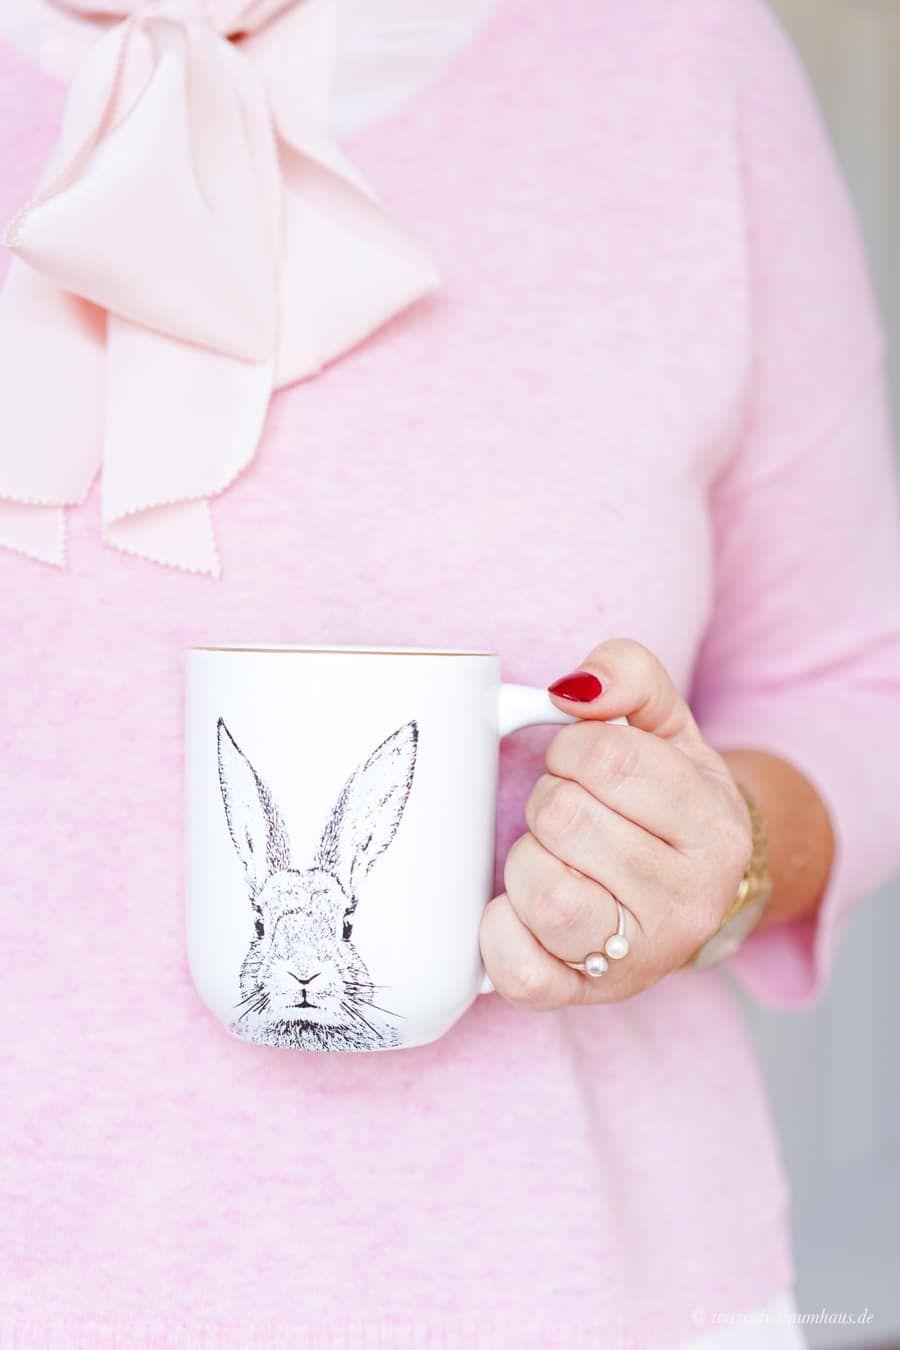 Ostertraditionen auf Sylt und die 10 schönsten Ostergeschenke für Kinder von Thalia!